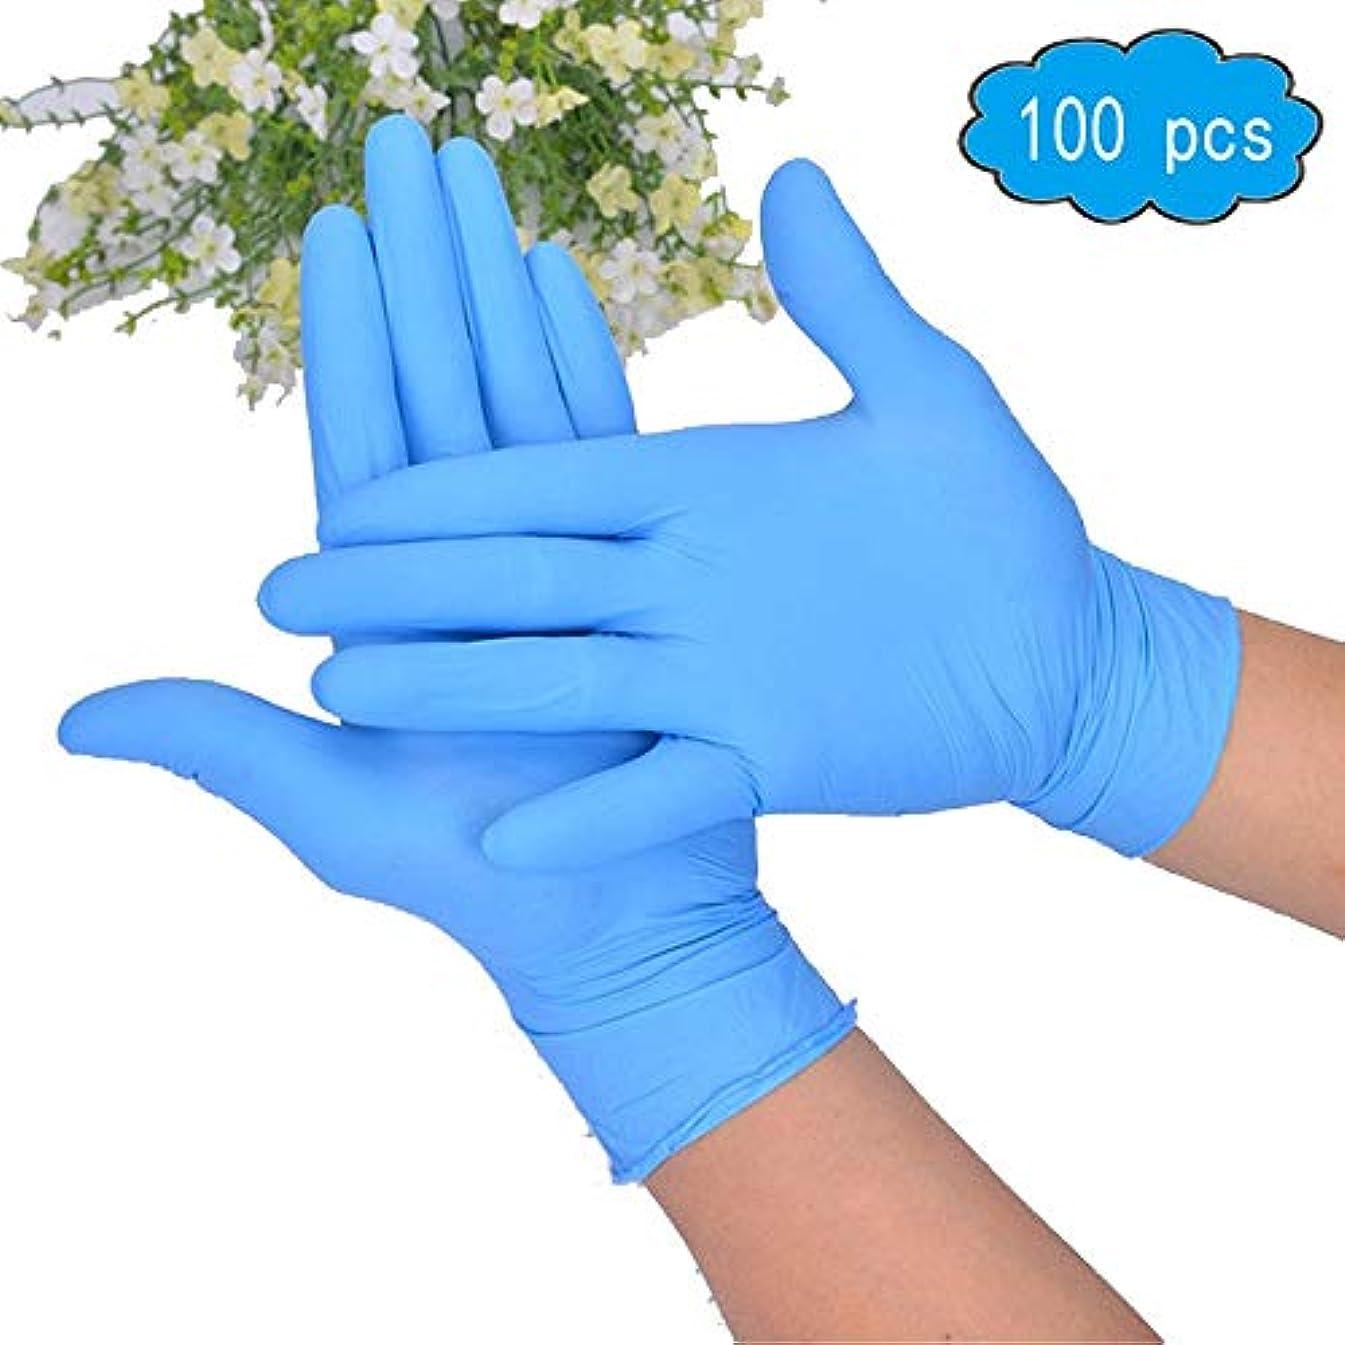 永久不誠実想像力使い捨てラテックス手袋-医療グレード、パウダーフリー、使い捨て、非滅菌、食品安全、テクスチャード加工、ラテックス手袋、ラボ、100PCS、安全&作業用手袋 (Color : Blue, Size : L)